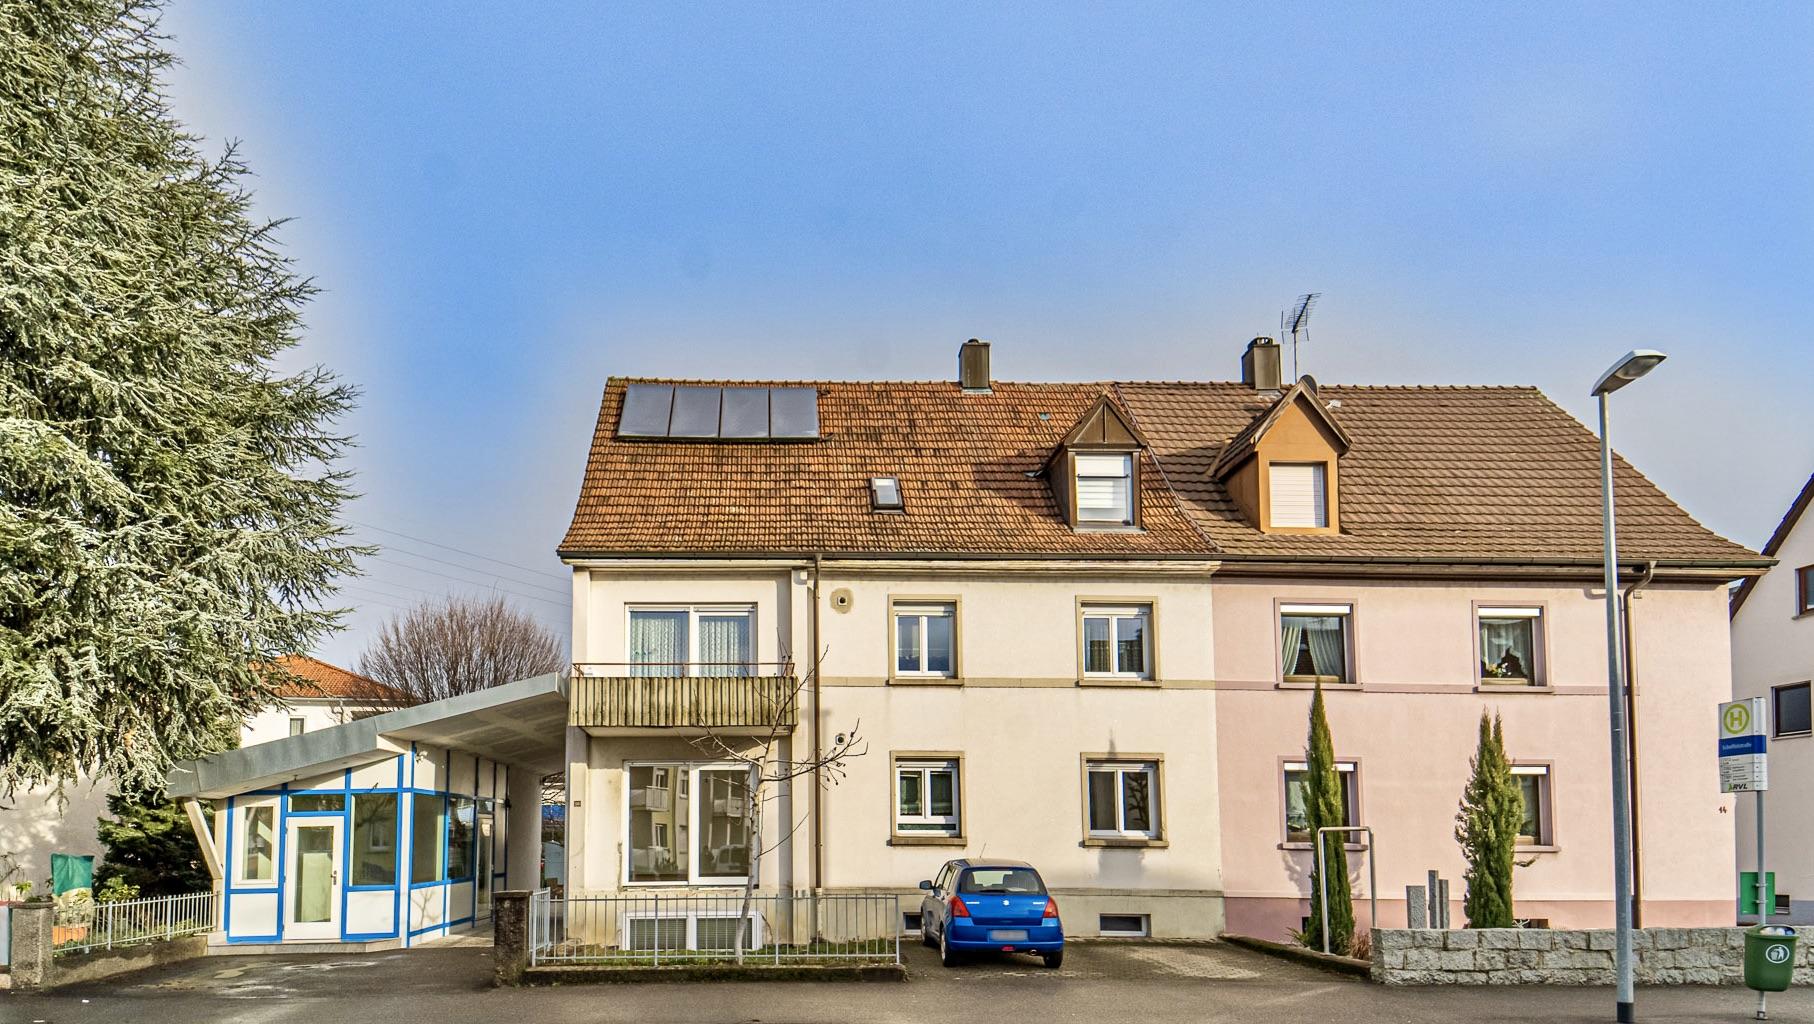 3-Familien-Haus mit separatem Gewerberaum! Viel Potential mit Garten und Stellplätzen in Rheinfelden